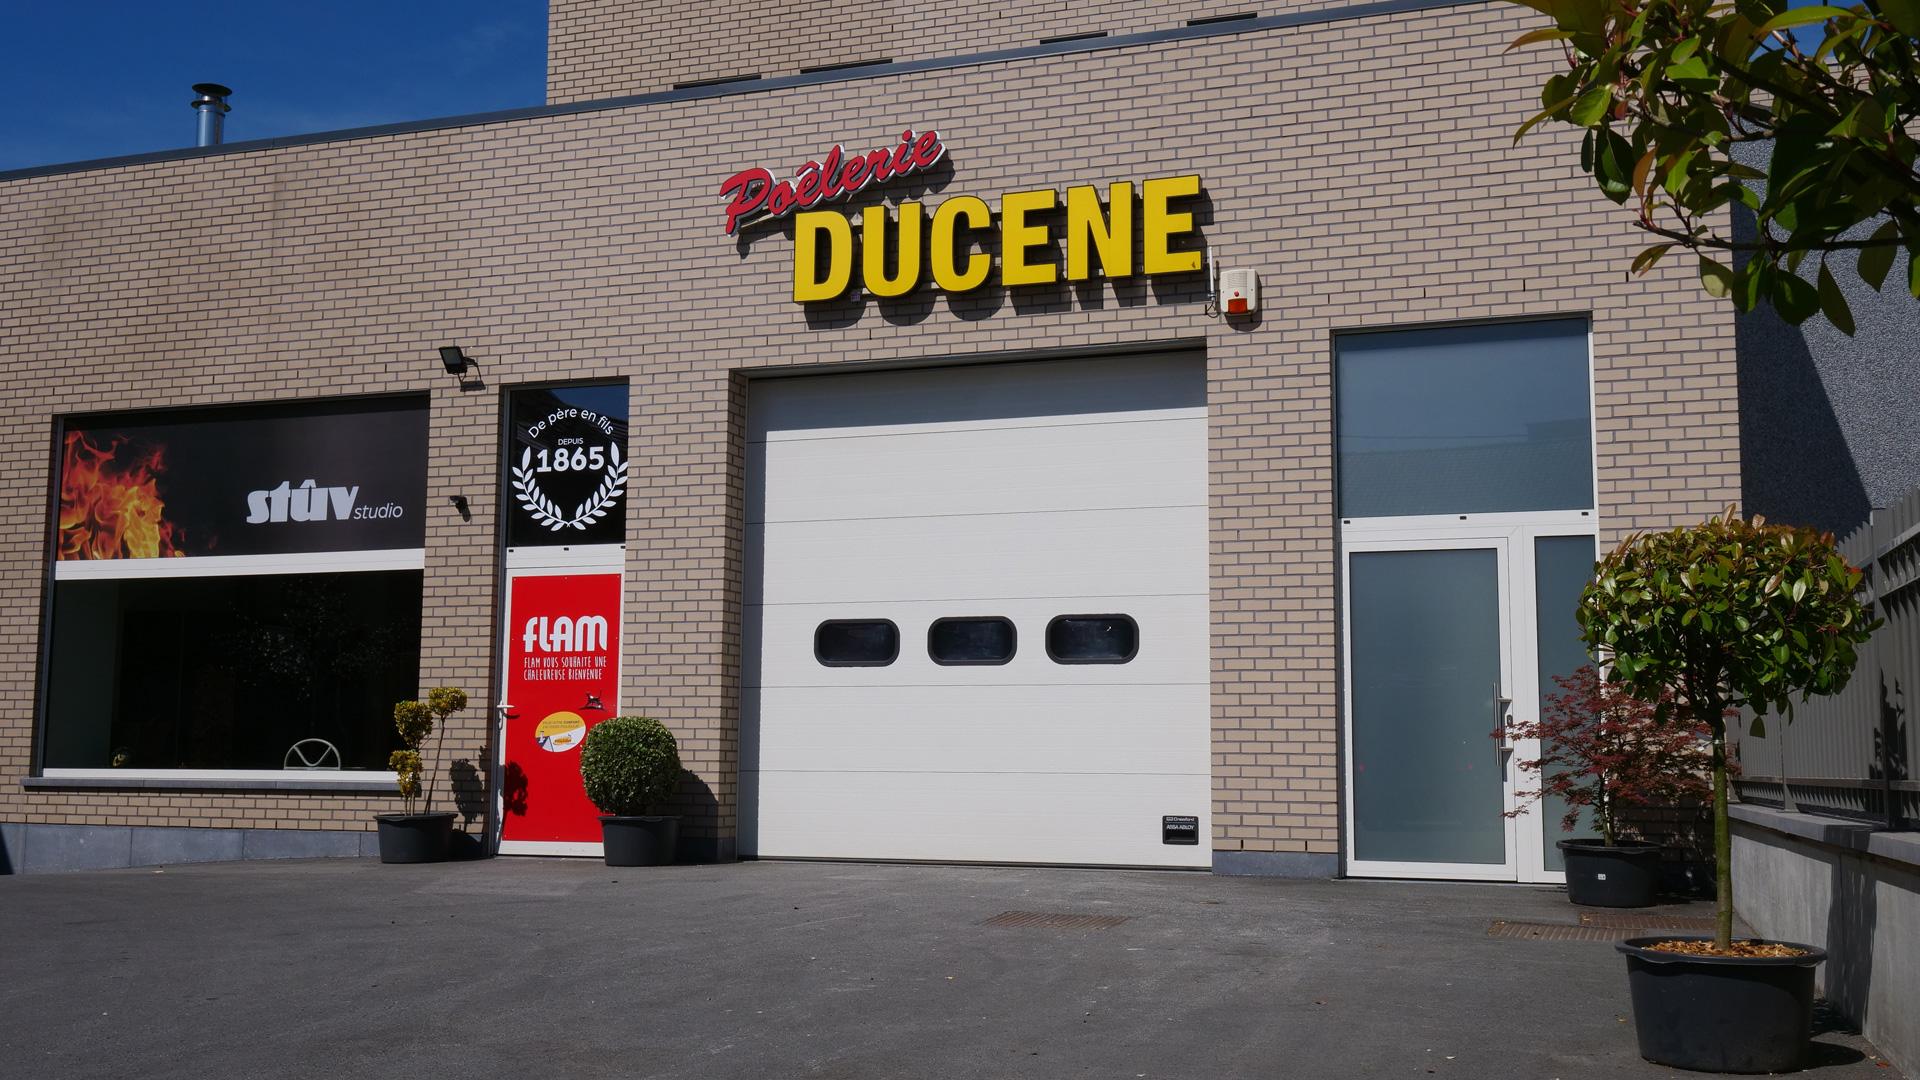 Studio Stuv Ducene